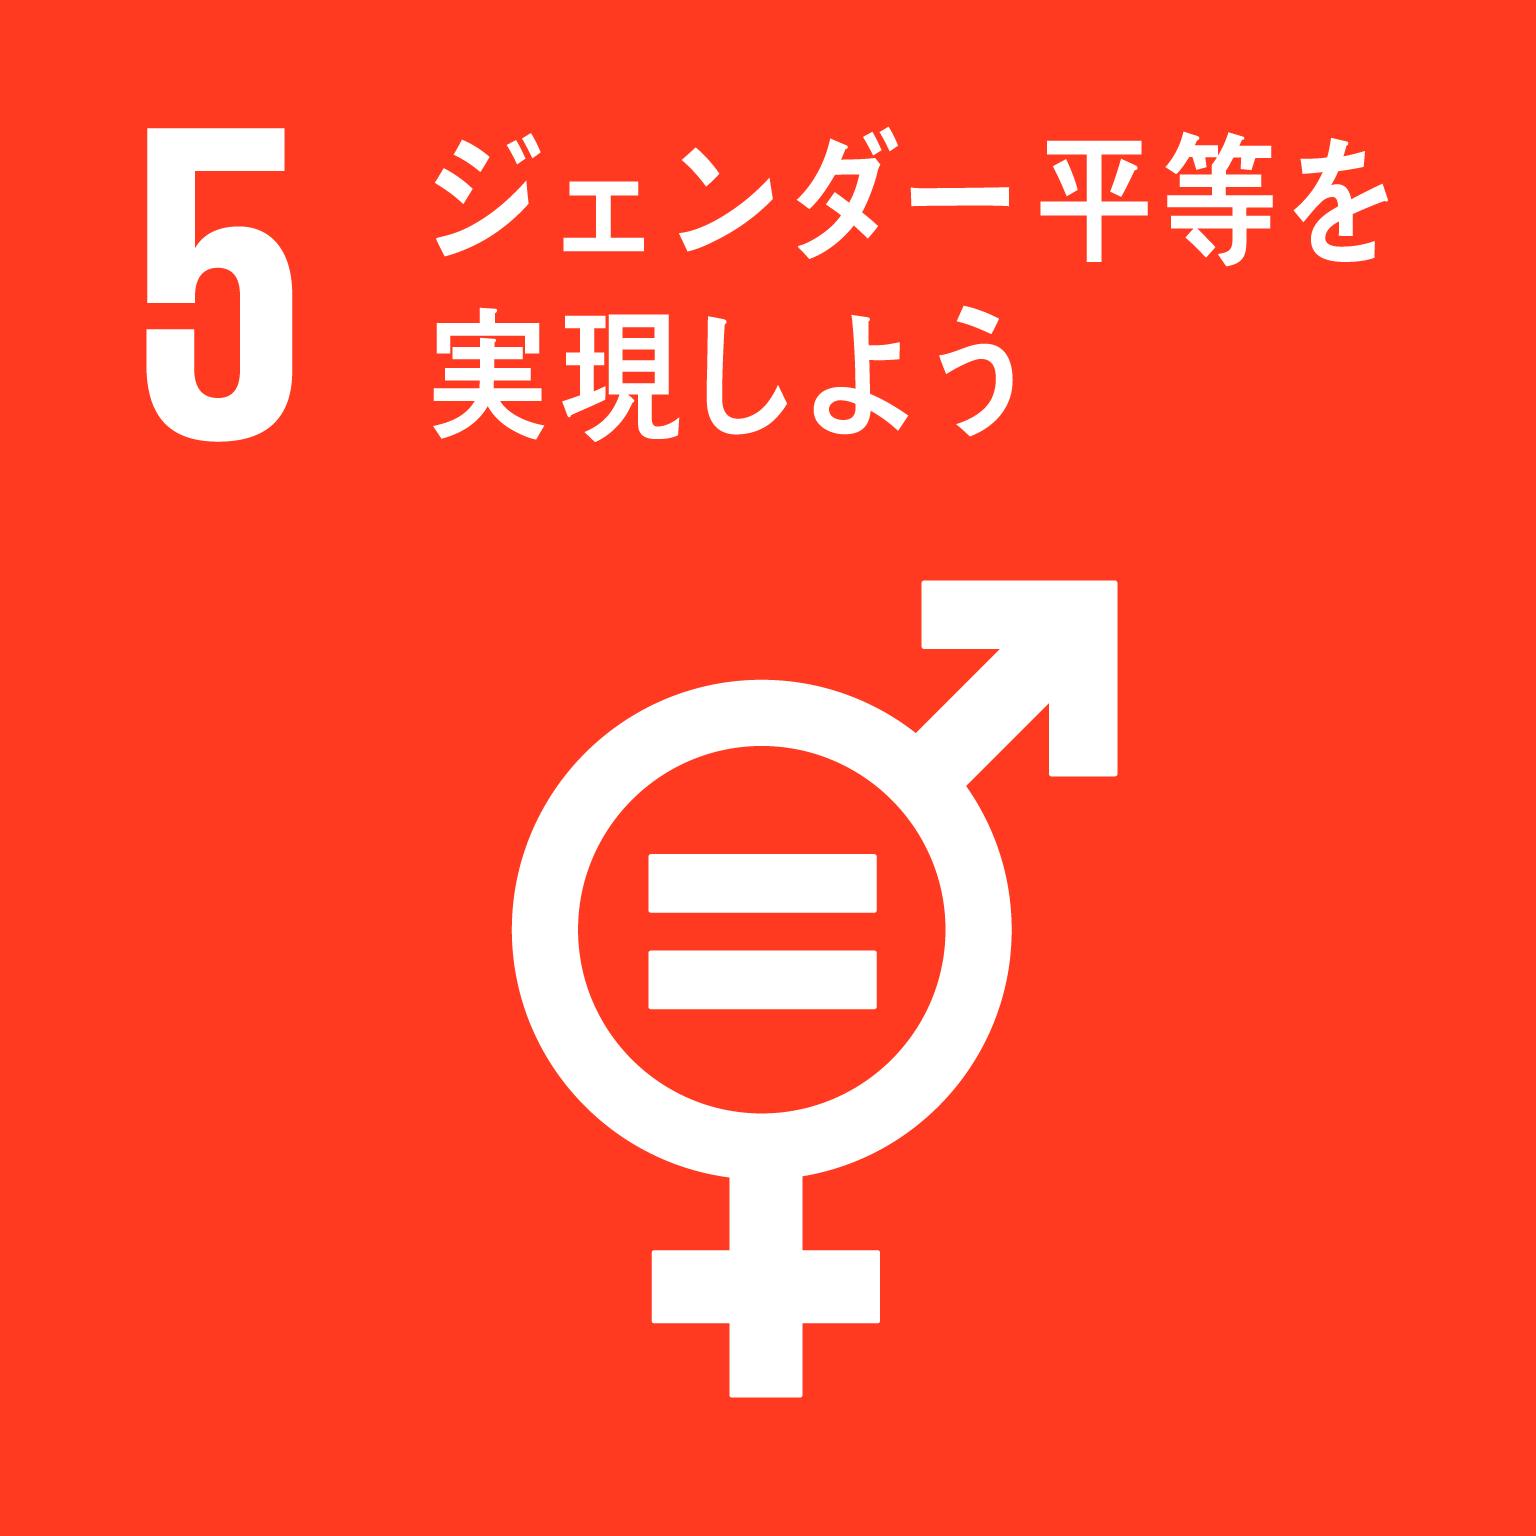 【ロゴ】SDGs05